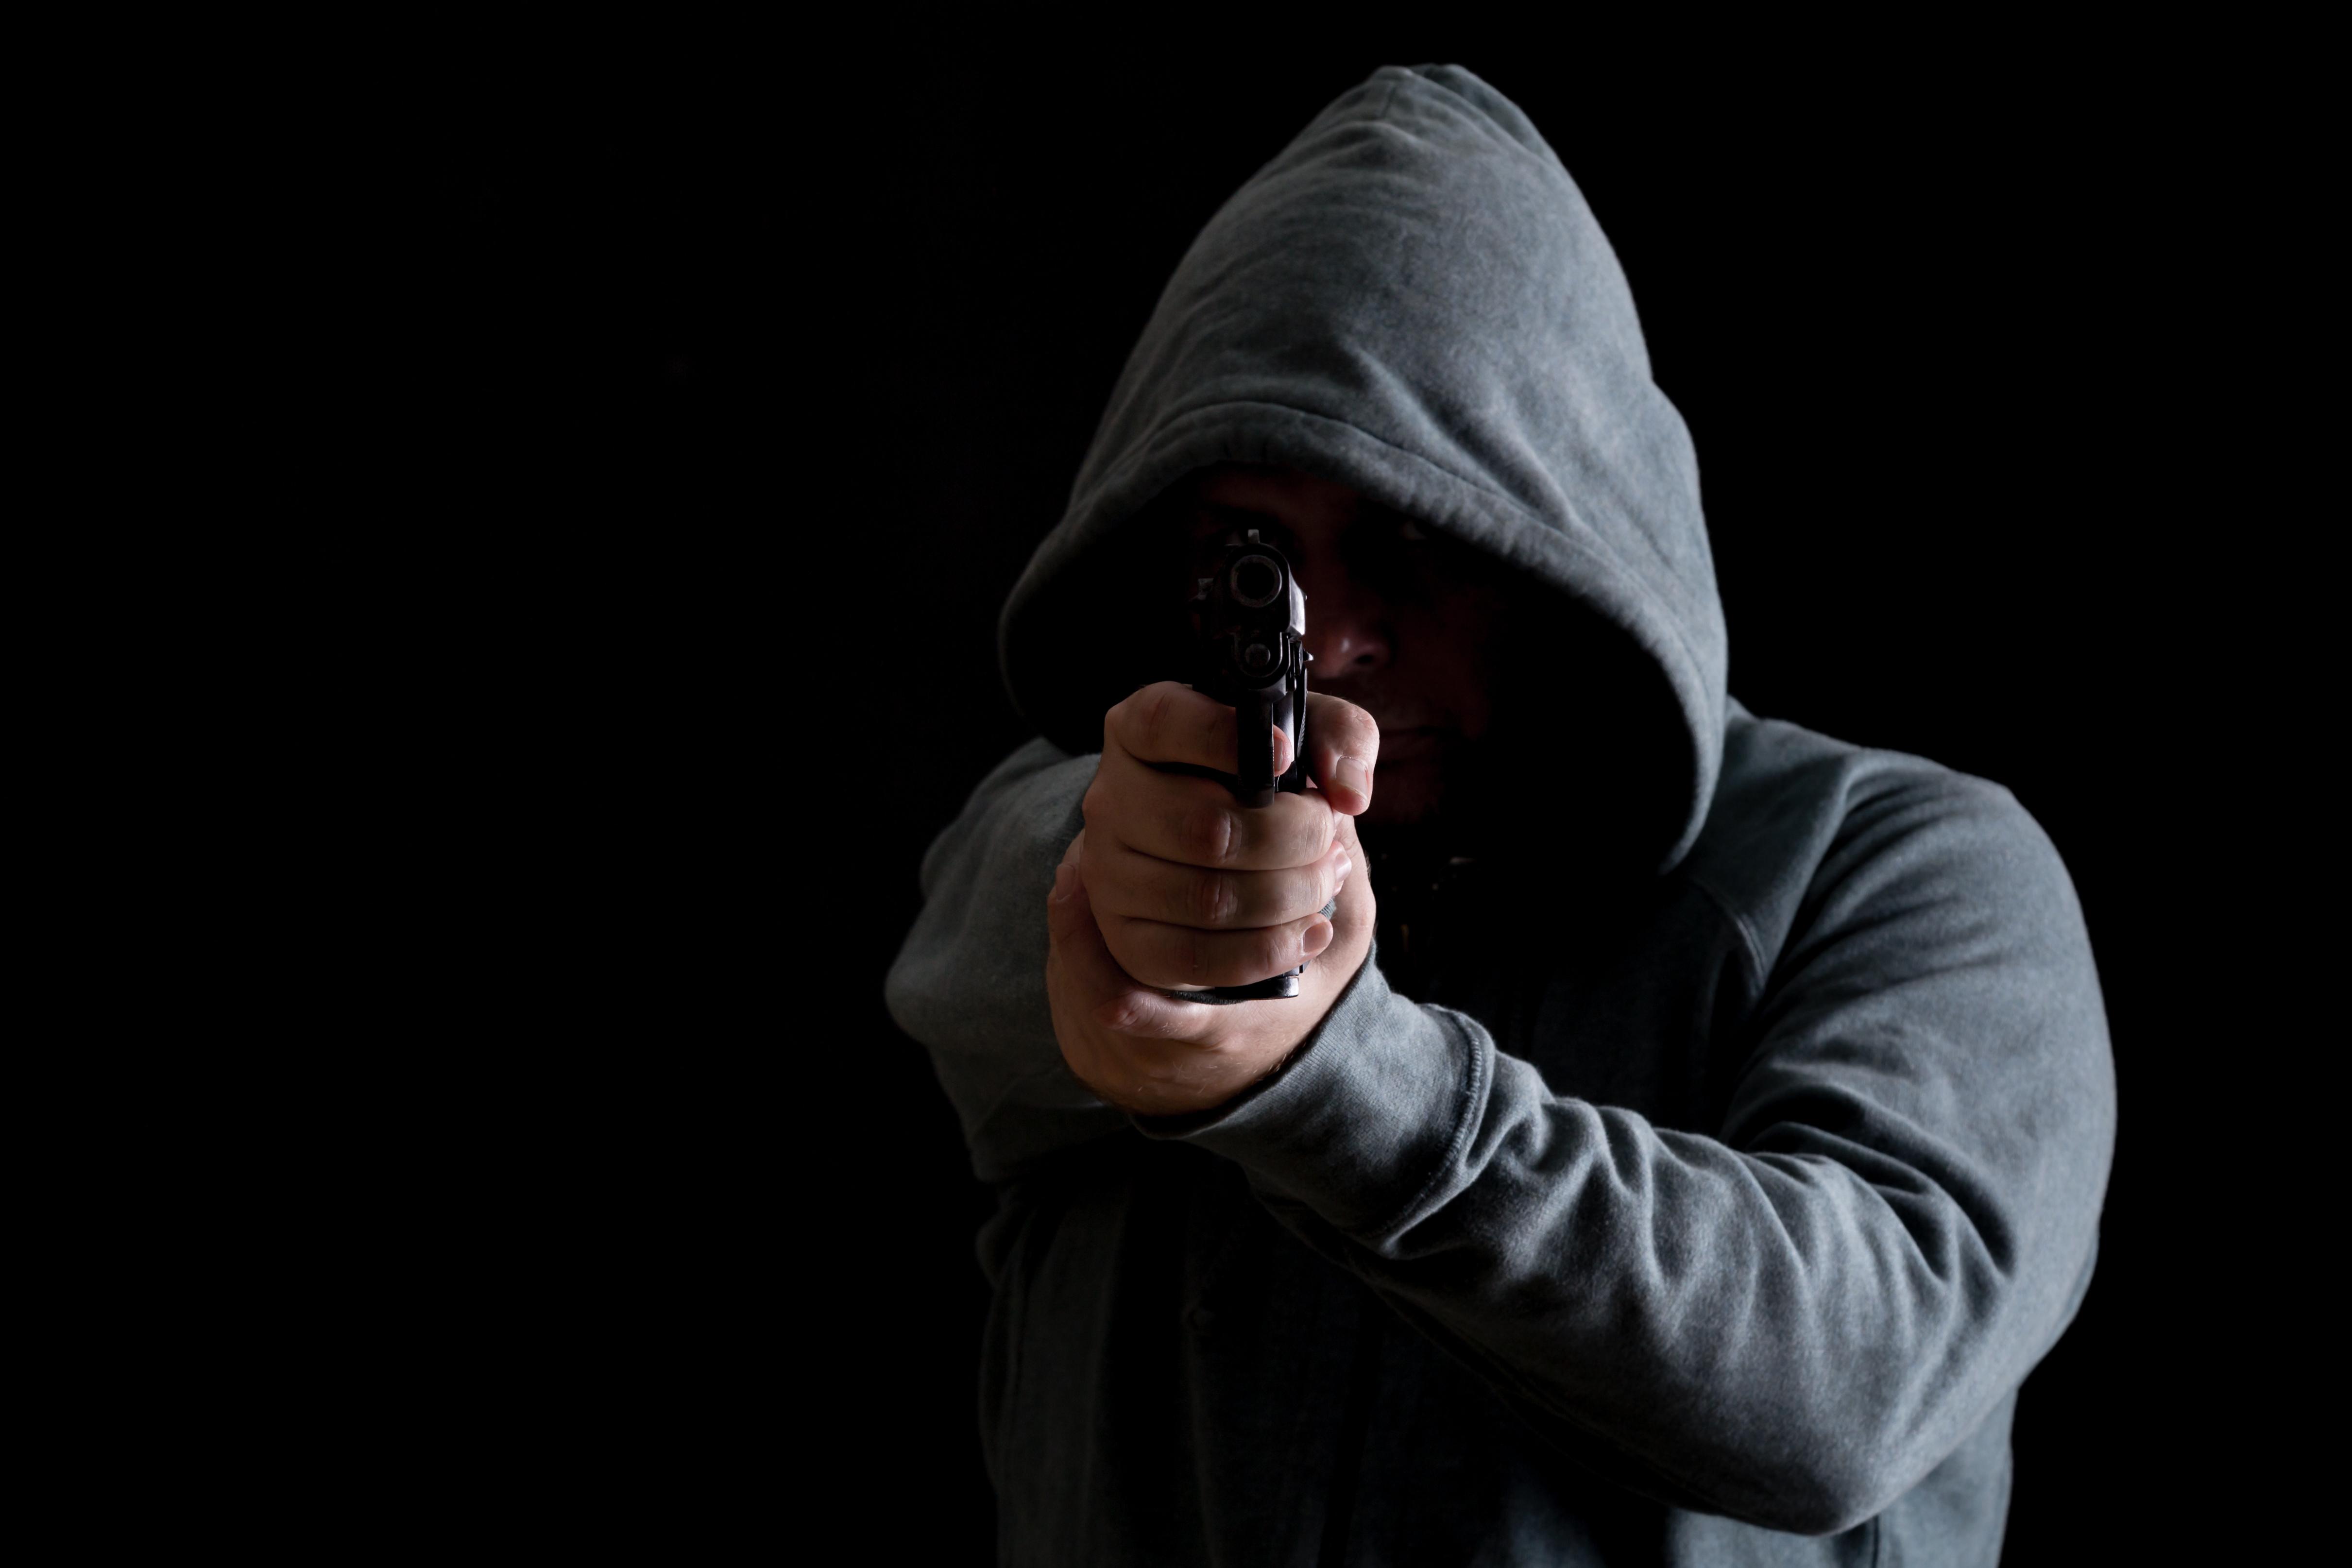 """Photo of תושב ר""""ג איים על גבר אחר באקדח, שהתגלה דמה, ודרש ממנו שיתנצל בפניו על שהתעלל בו כשהיו צעירים"""